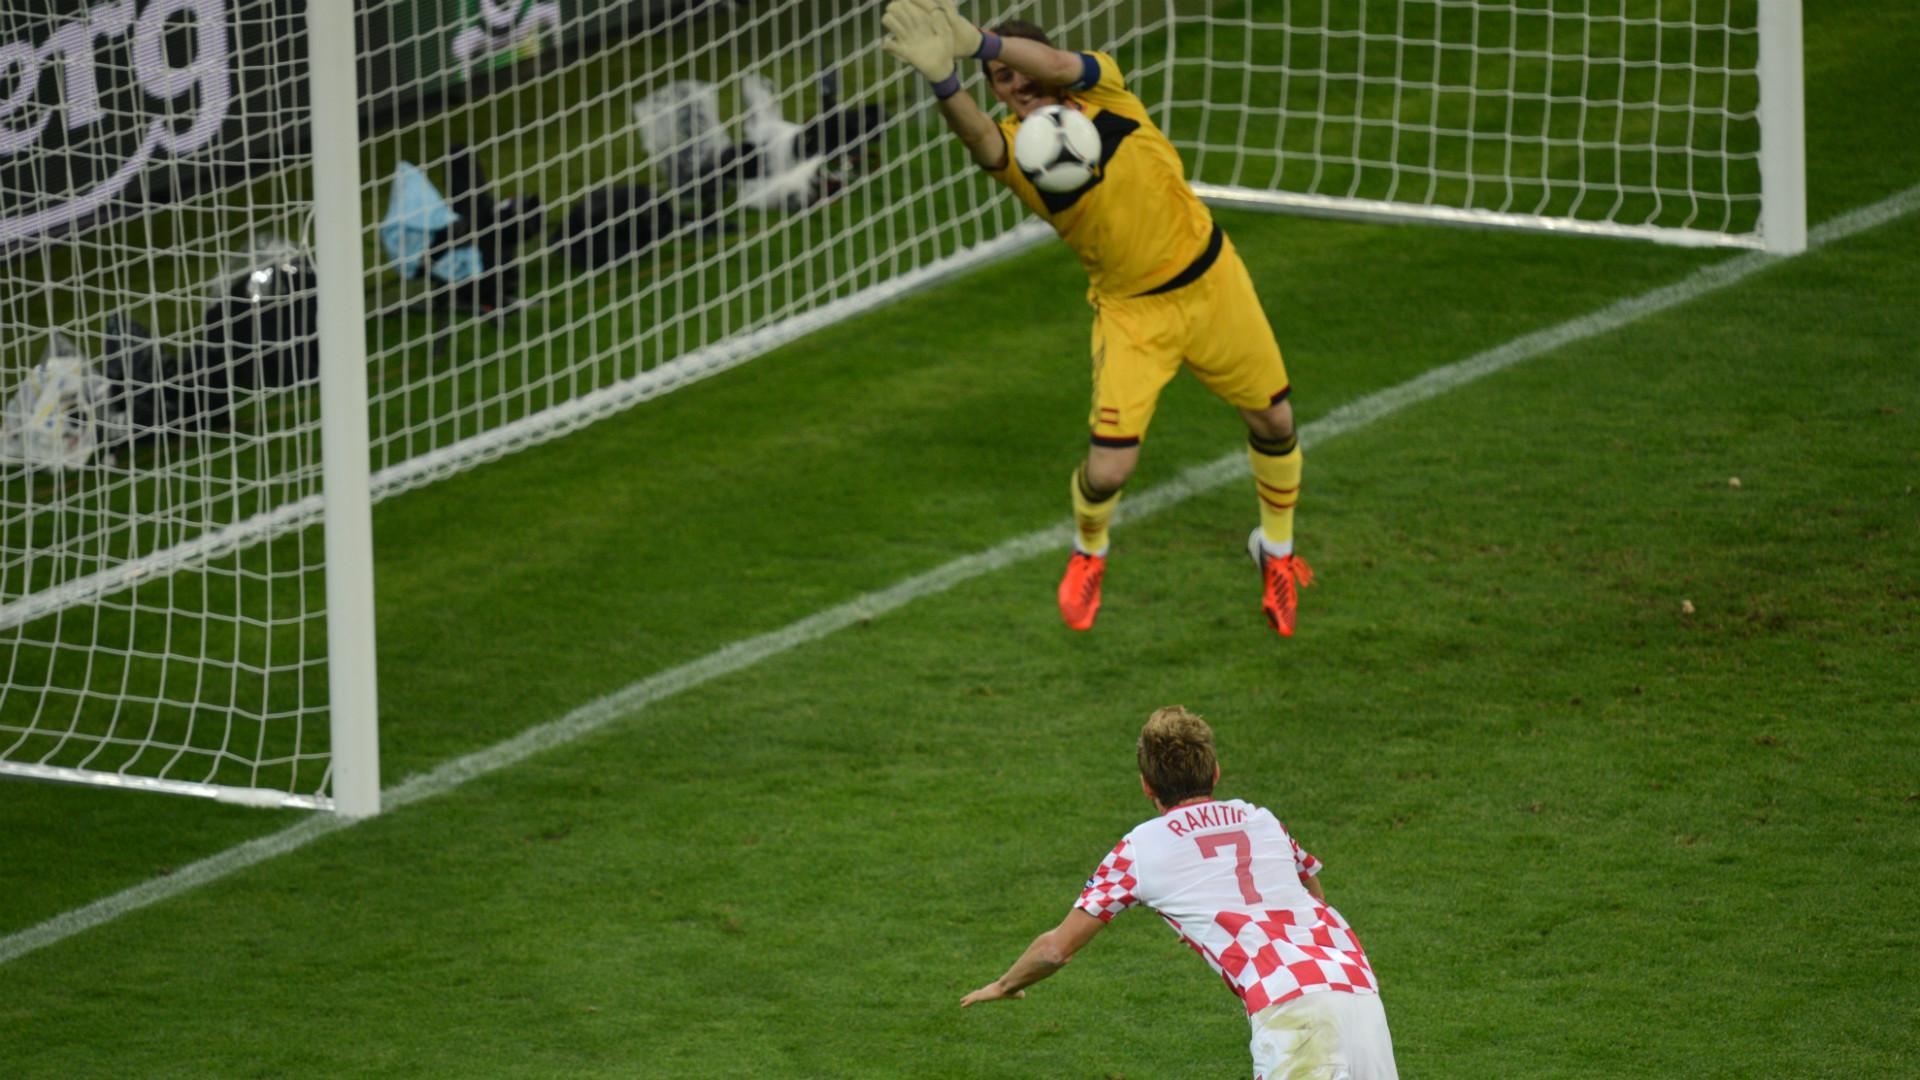 Iker Casillas Ivan Rakitic Croatia Spain 2012